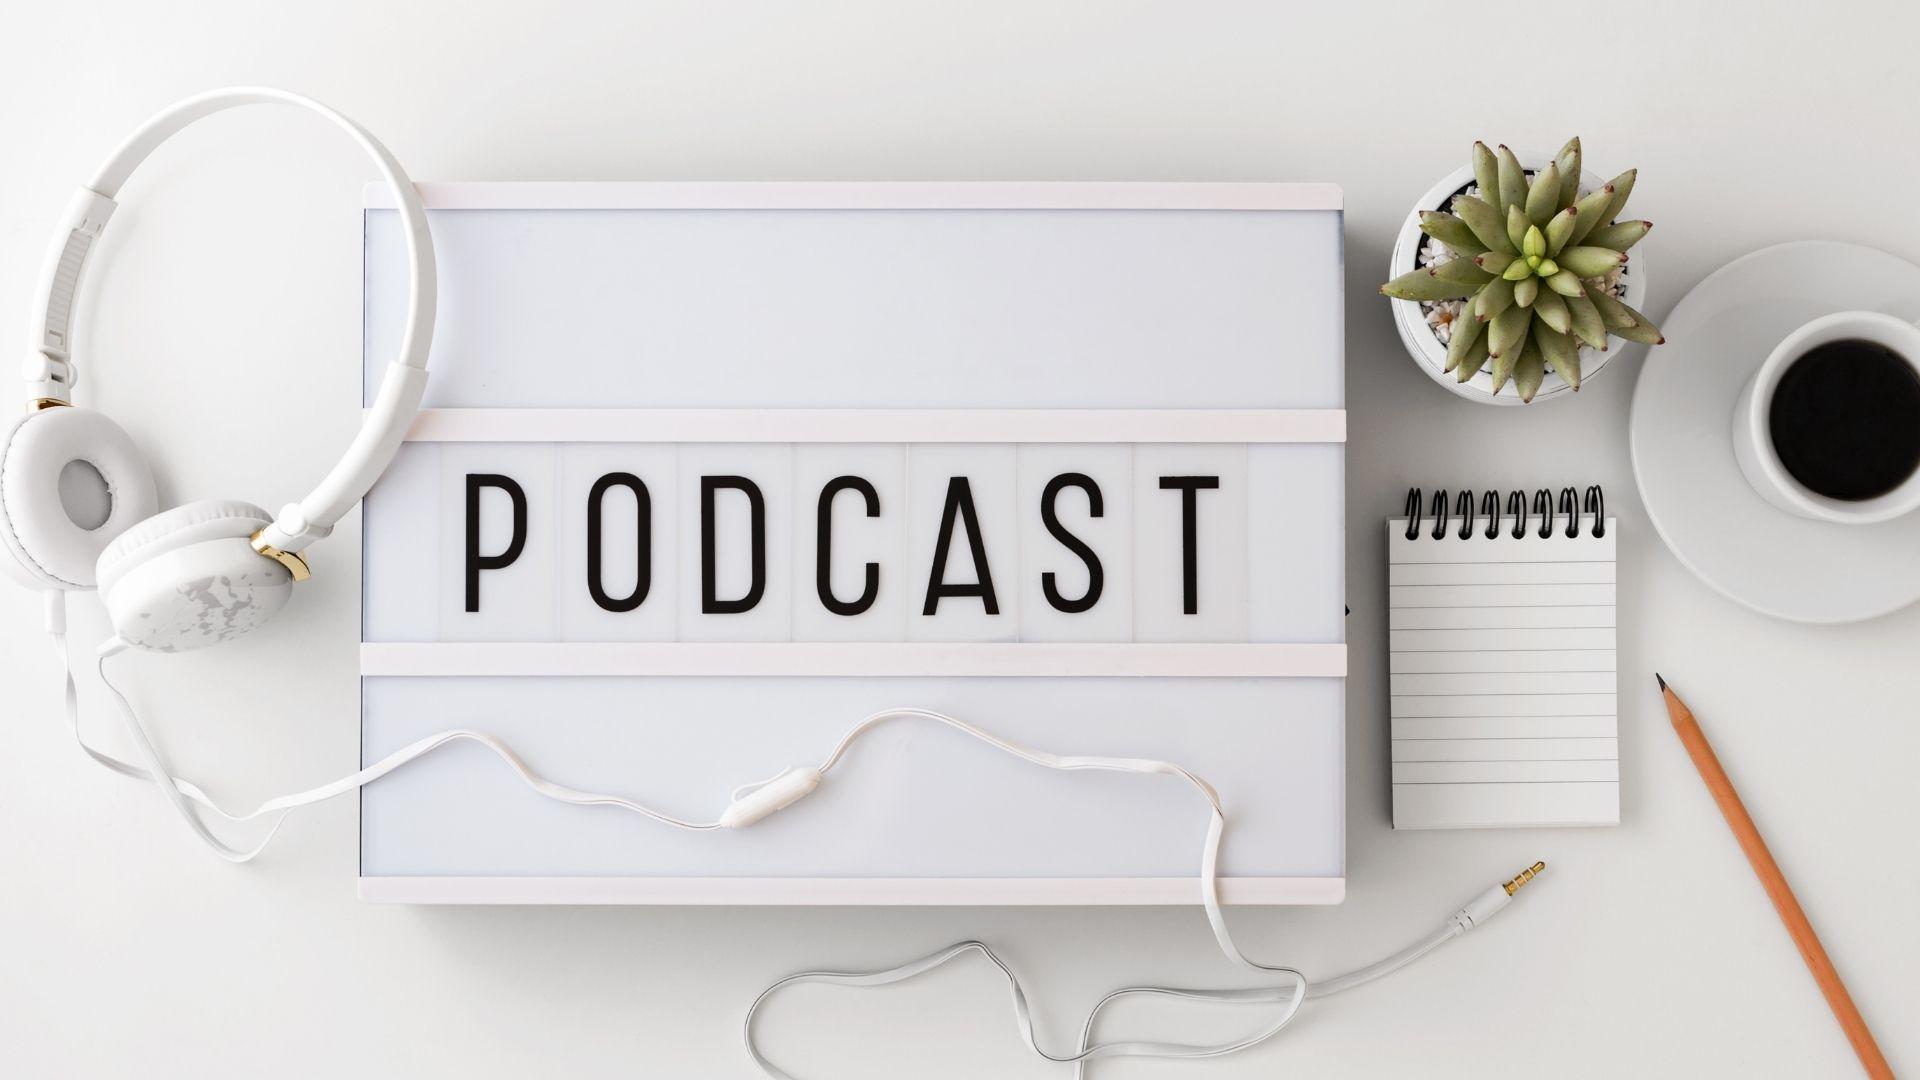 Comment créer son podcast gratuitement